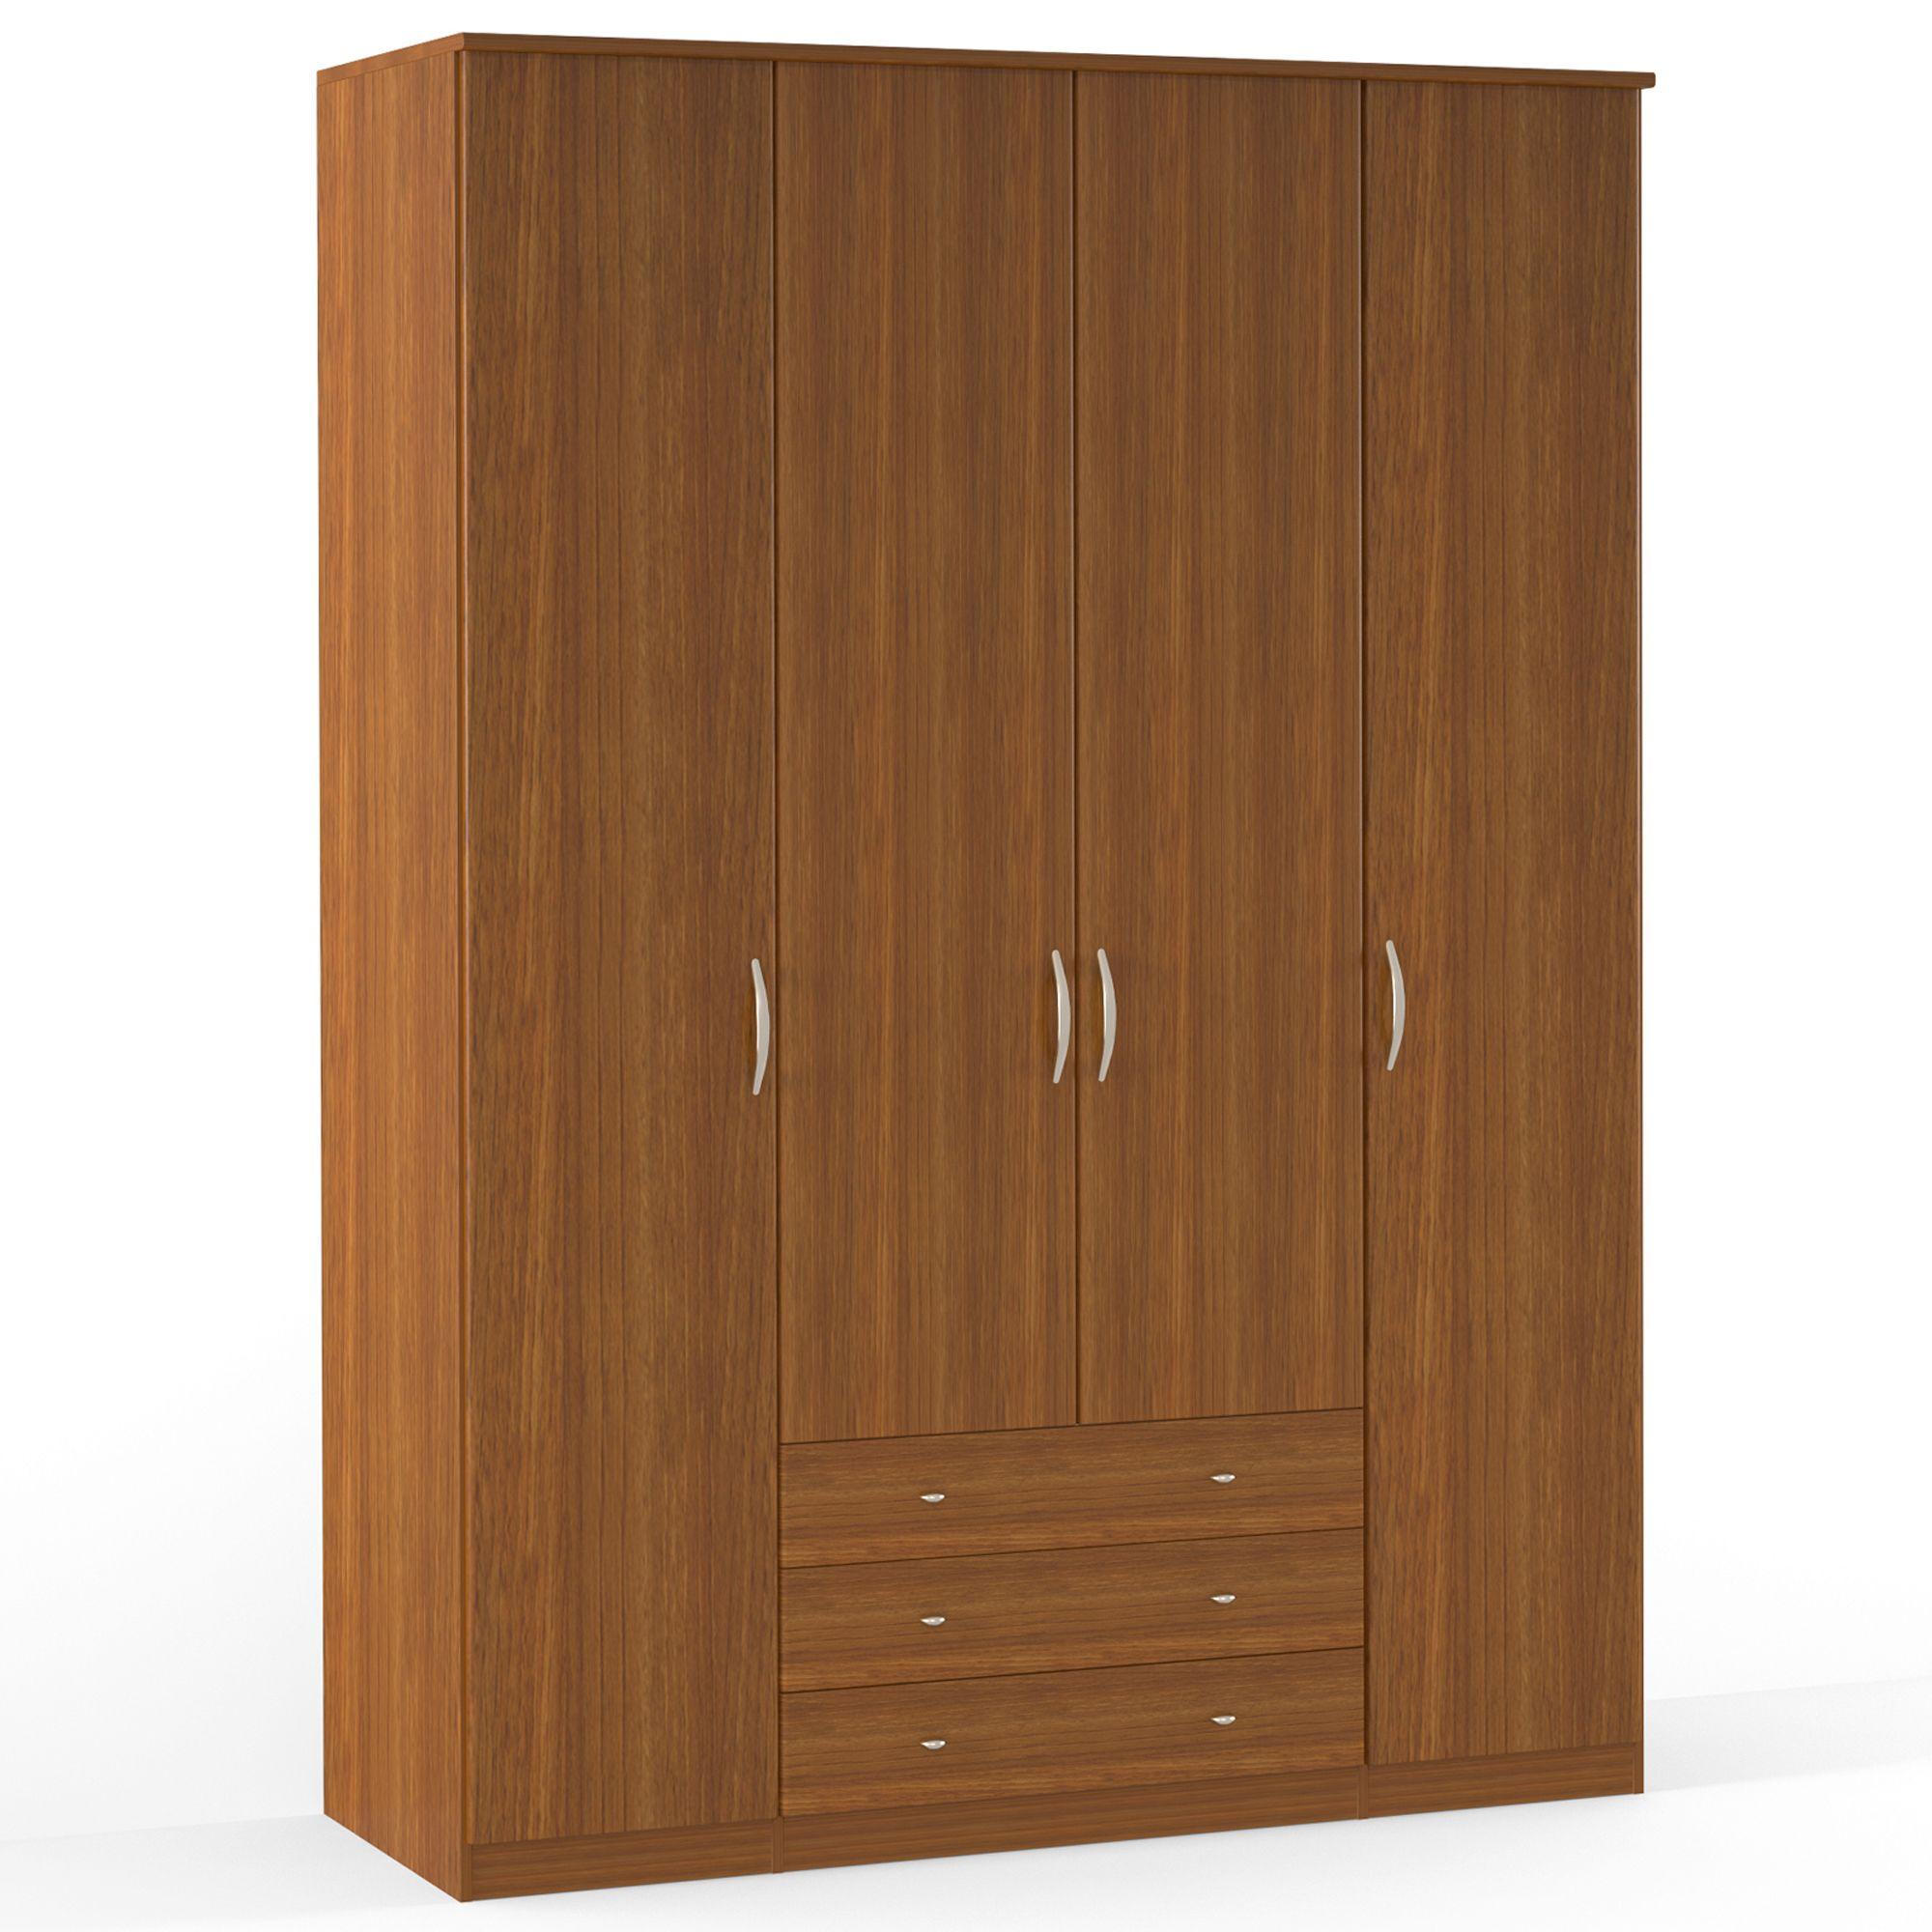 узоры окнах мебель картинка шкаф получает рекламный пост